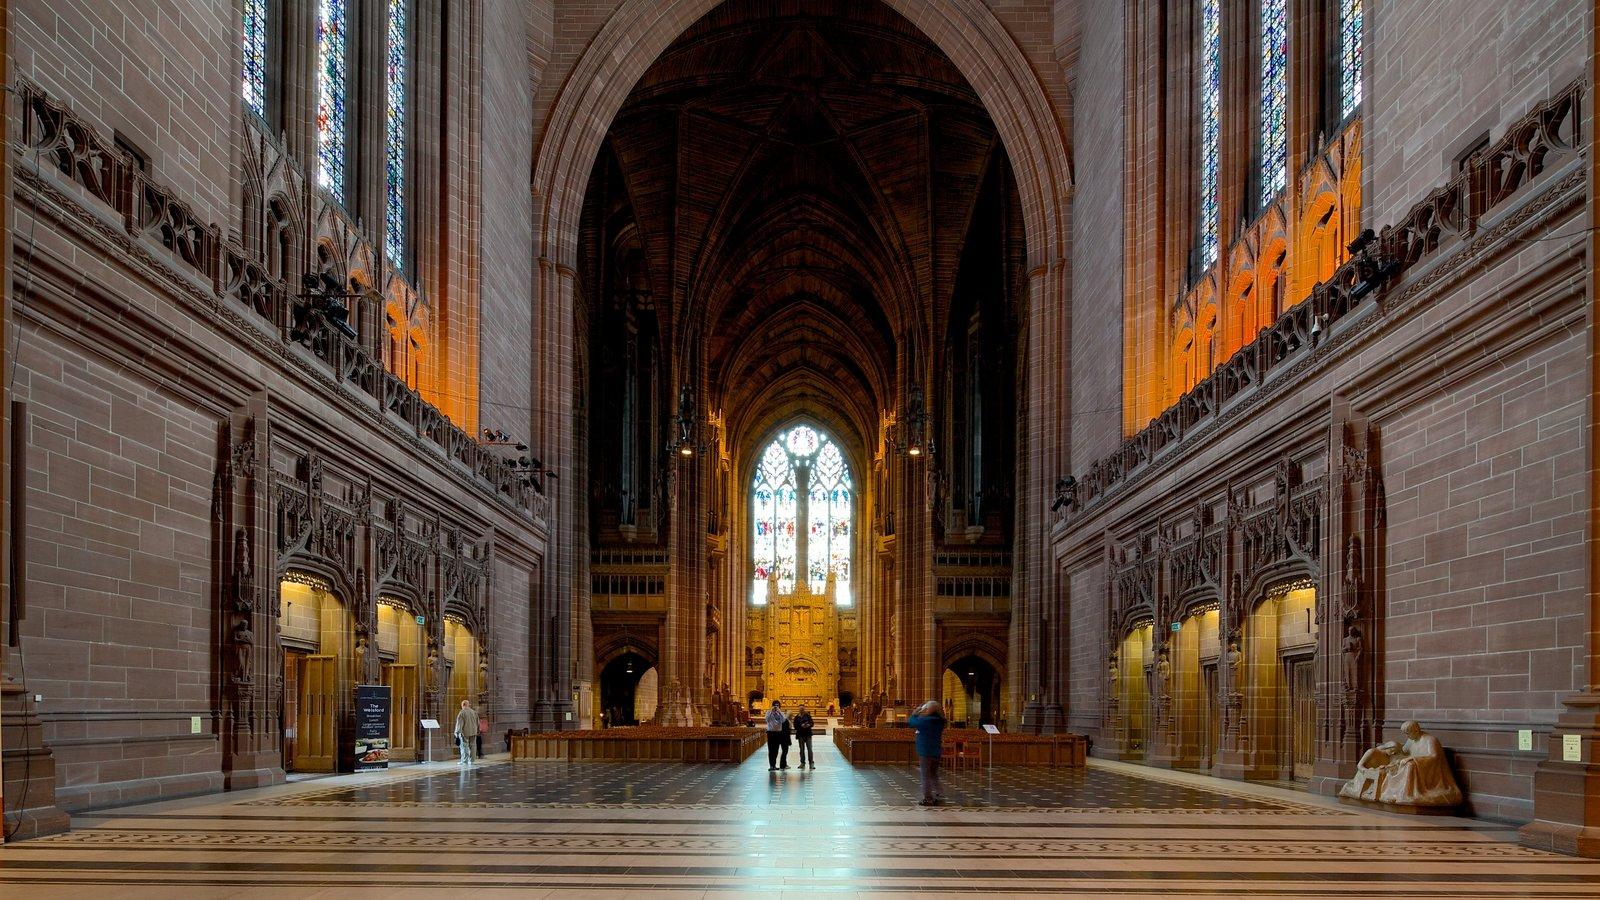 Liverpool Anglican Cathedral mostrando una iglesia o catedral, vistas interiores y elementos religiosos